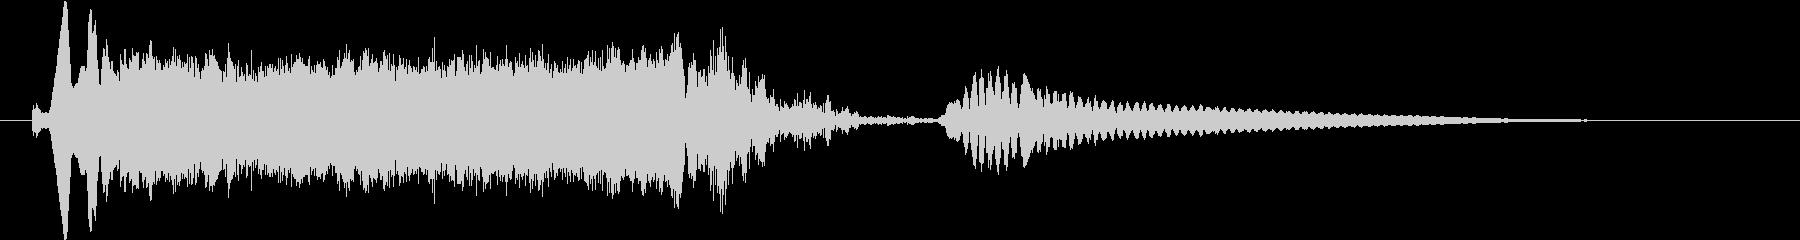 オープニングロゴ シンセサイザー Bの未再生の波形